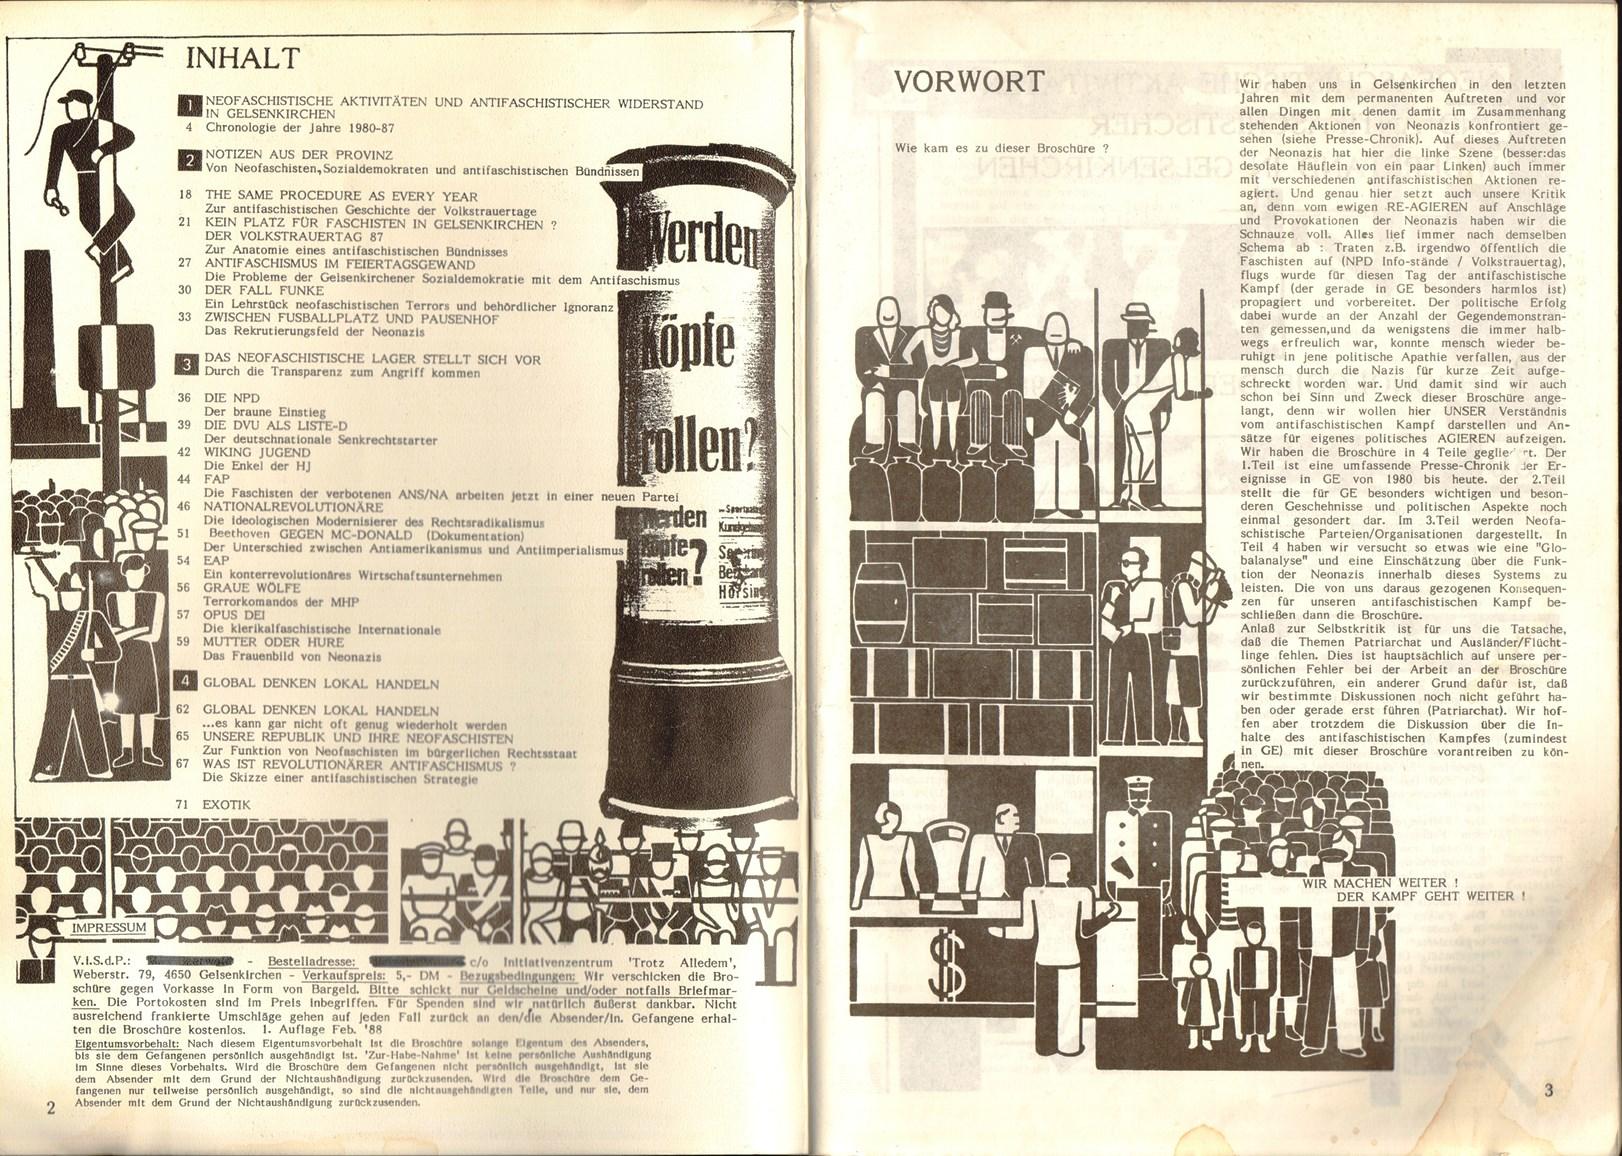 Gelsenkirchen_Zukunft_Vergangenheit_1988_02